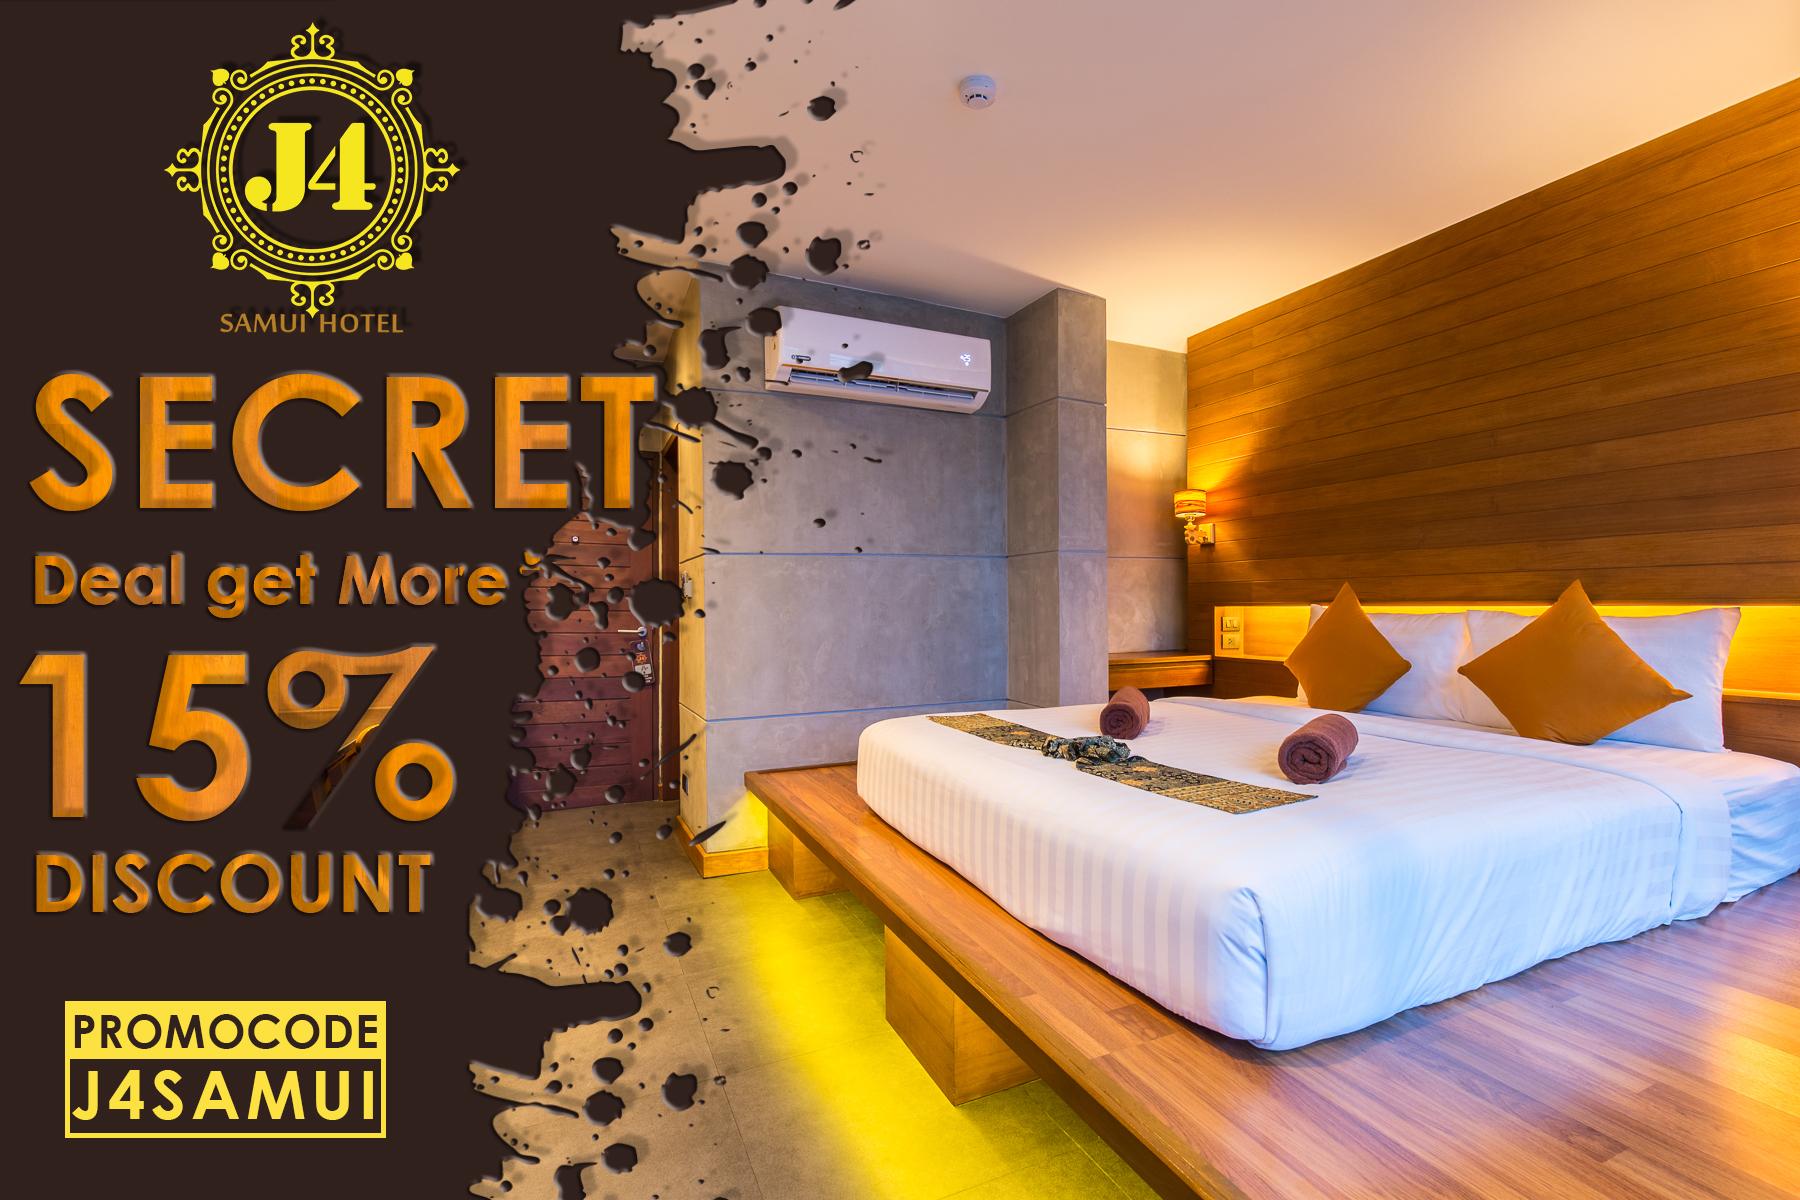 J4 Samui Hotel